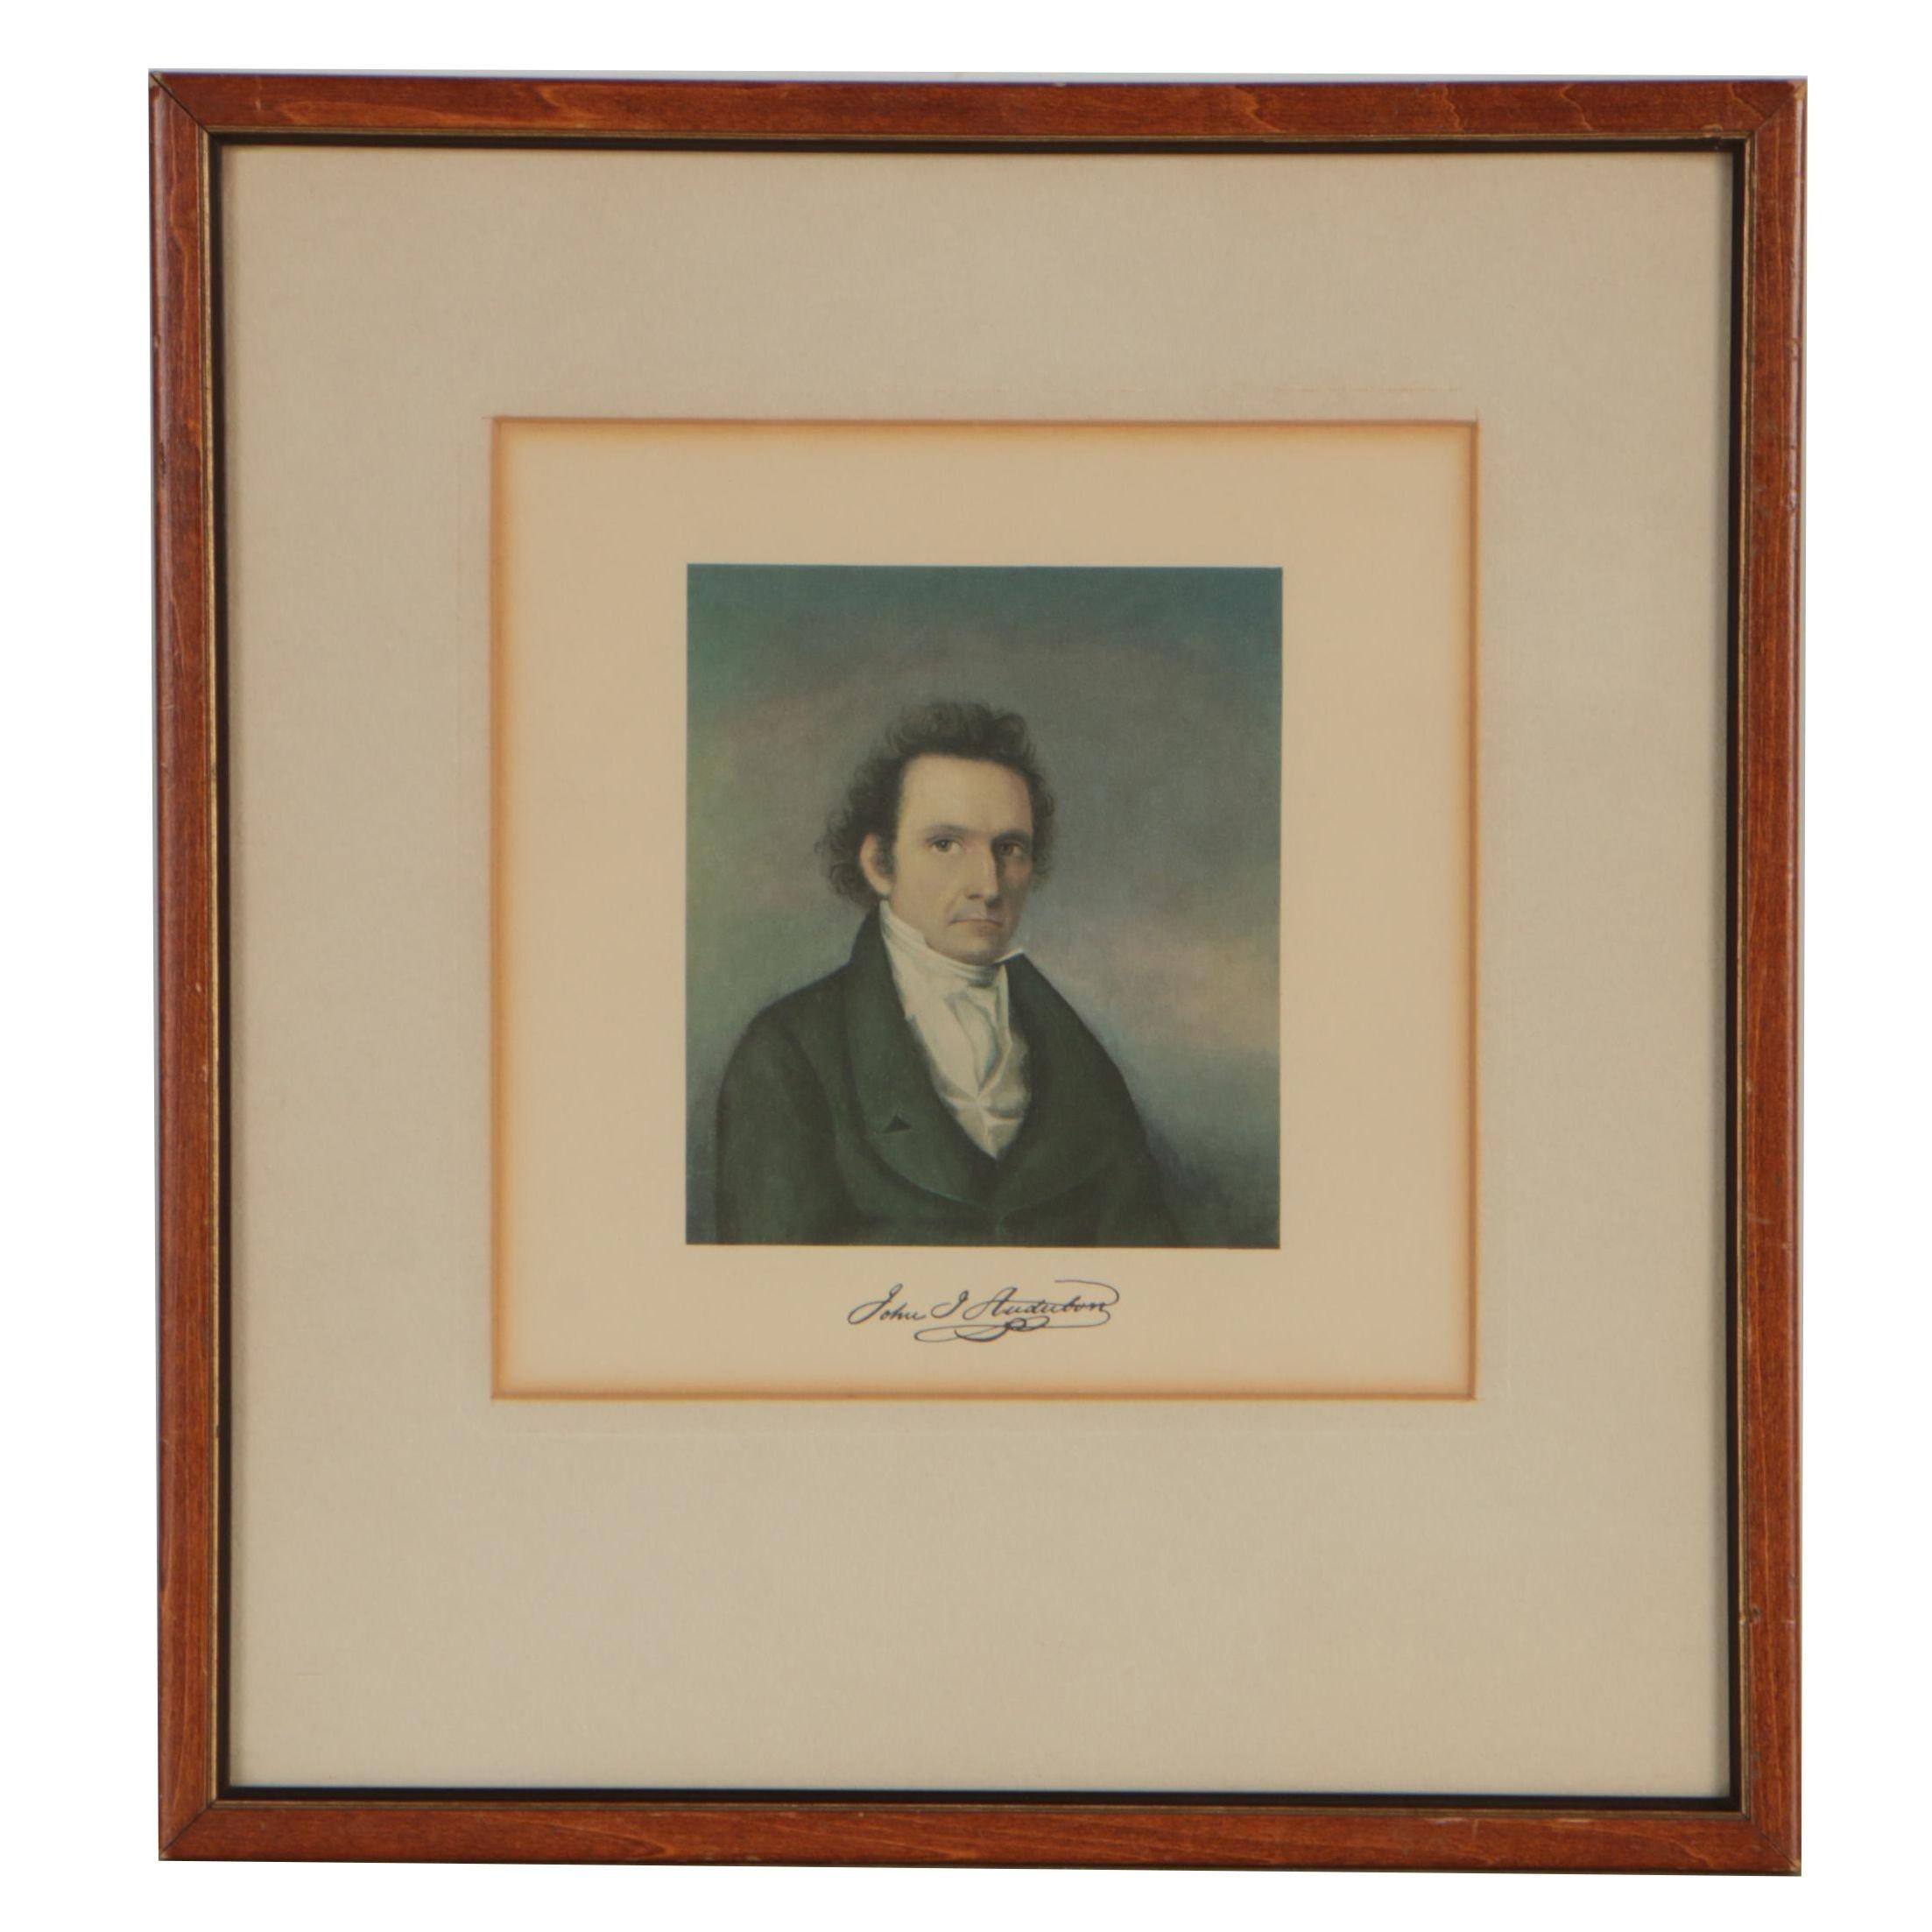 """20th Century Offset Lithograph after John James Audubon """"Self-Portrait"""""""